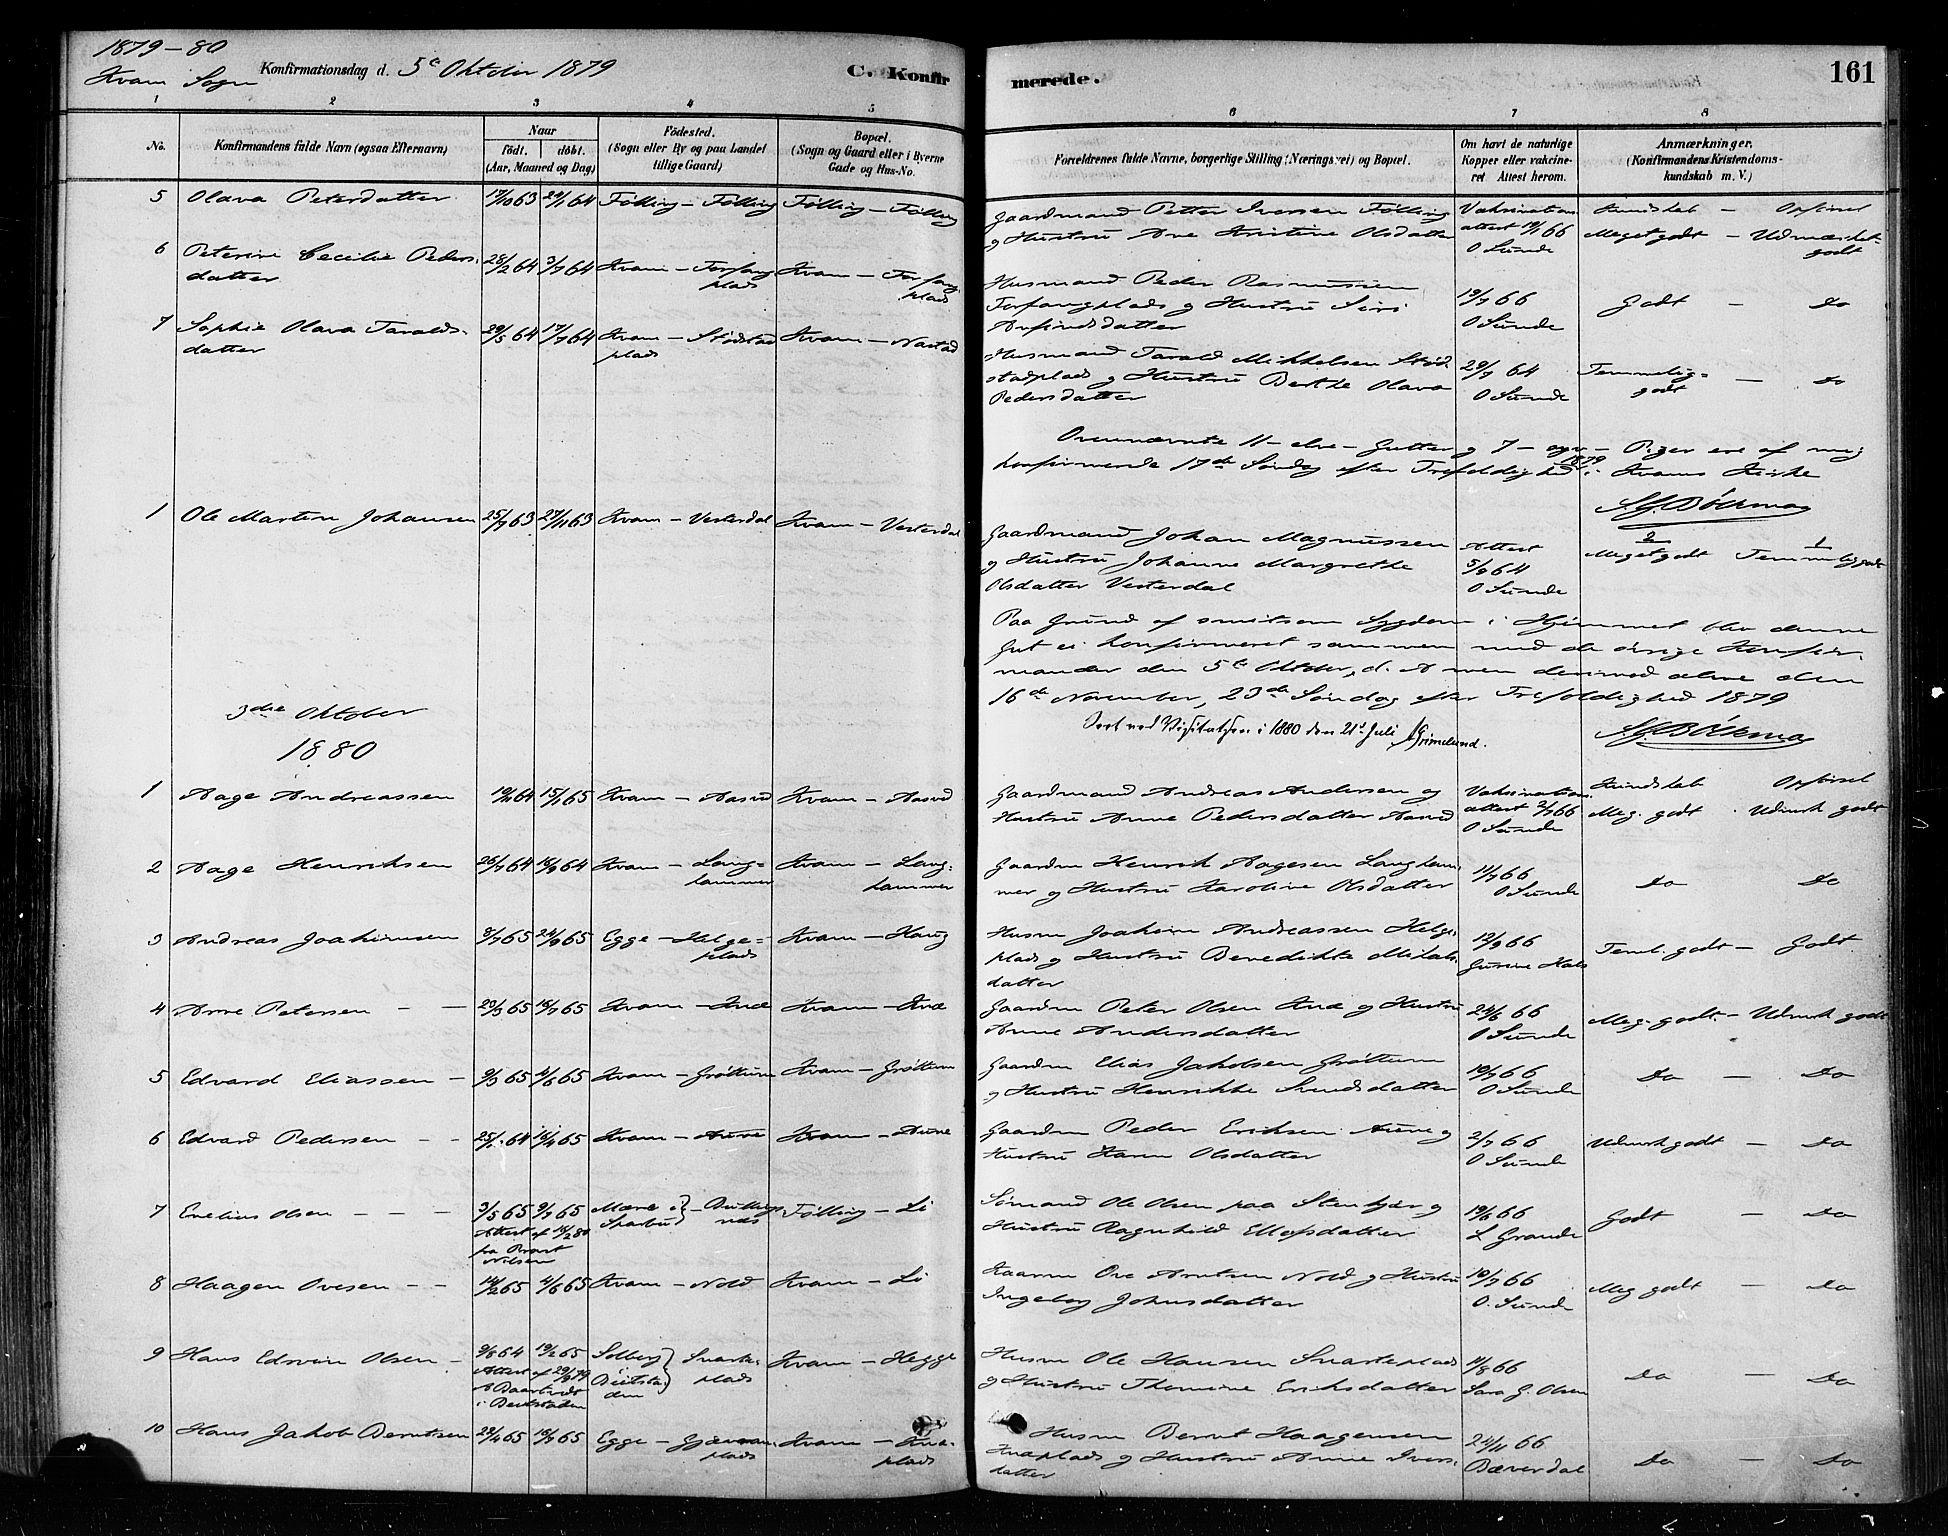 SAT, Ministerialprotokoller, klokkerbøker og fødselsregistre - Nord-Trøndelag, 746/L0449: Ministerialbok nr. 746A07 /2, 1878-1899, s. 161